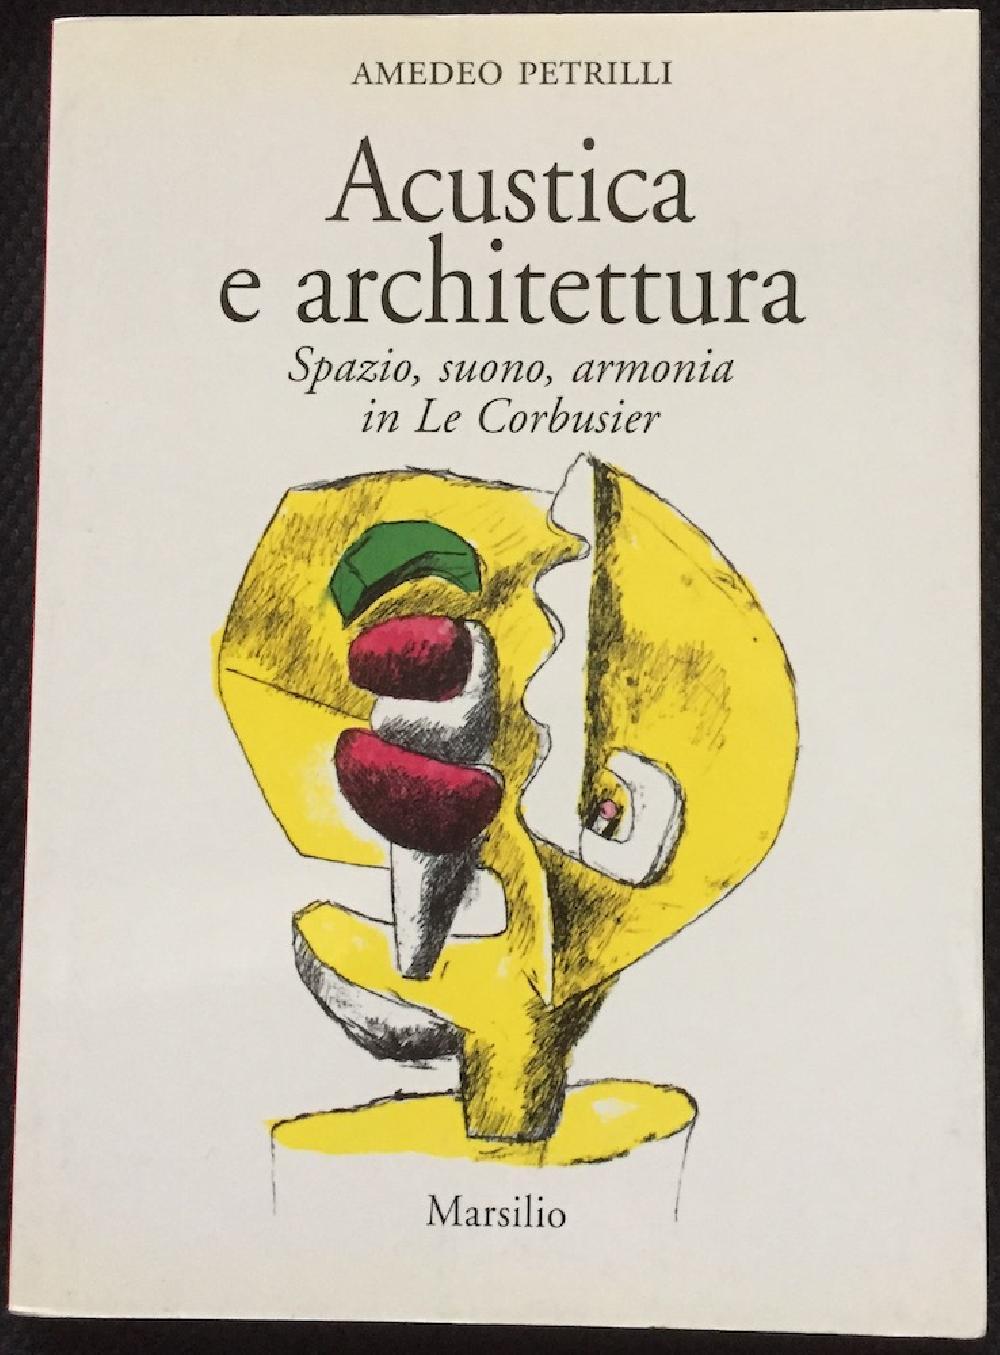 Acustica e architettura. Spazio, suono, armonia in Le Corbusier